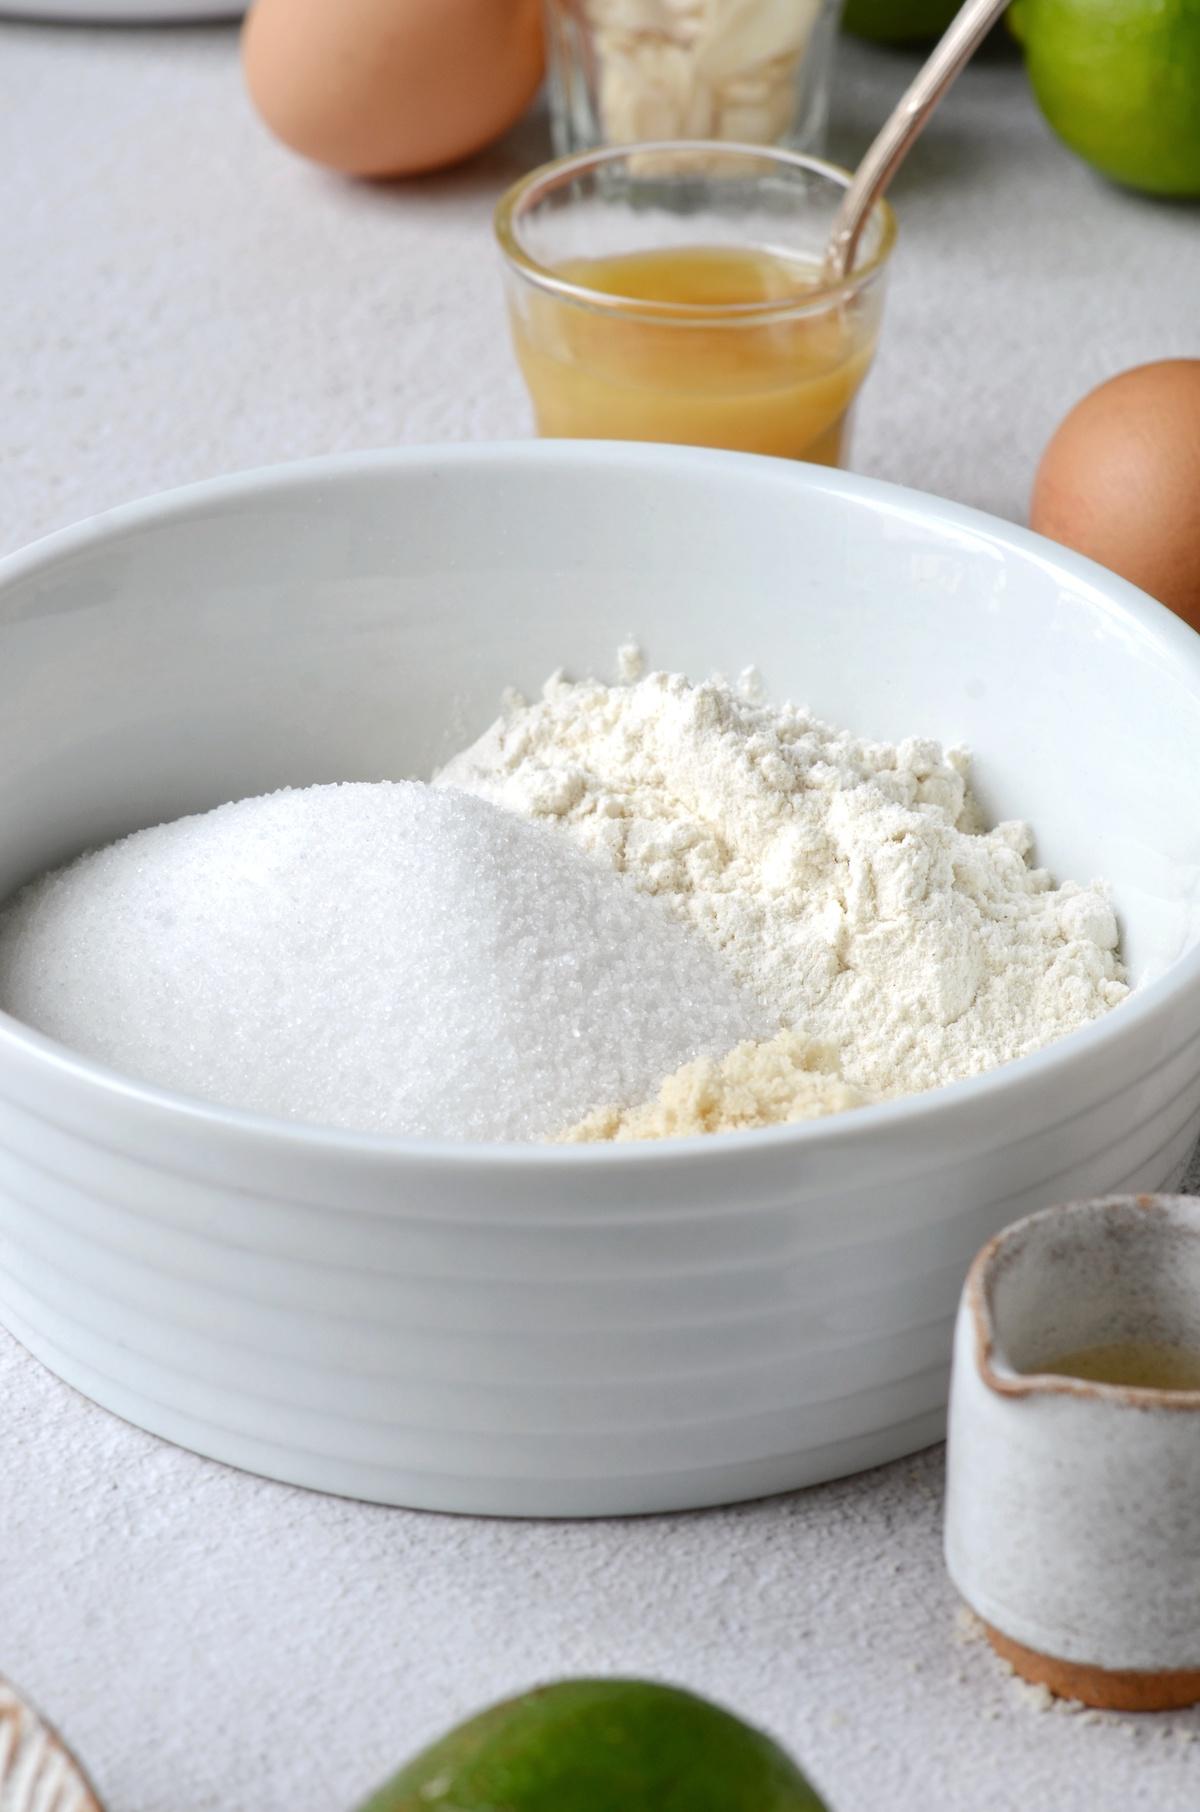 ingrédient sec pour gâteau gourmand - blog maison - clem around the corner